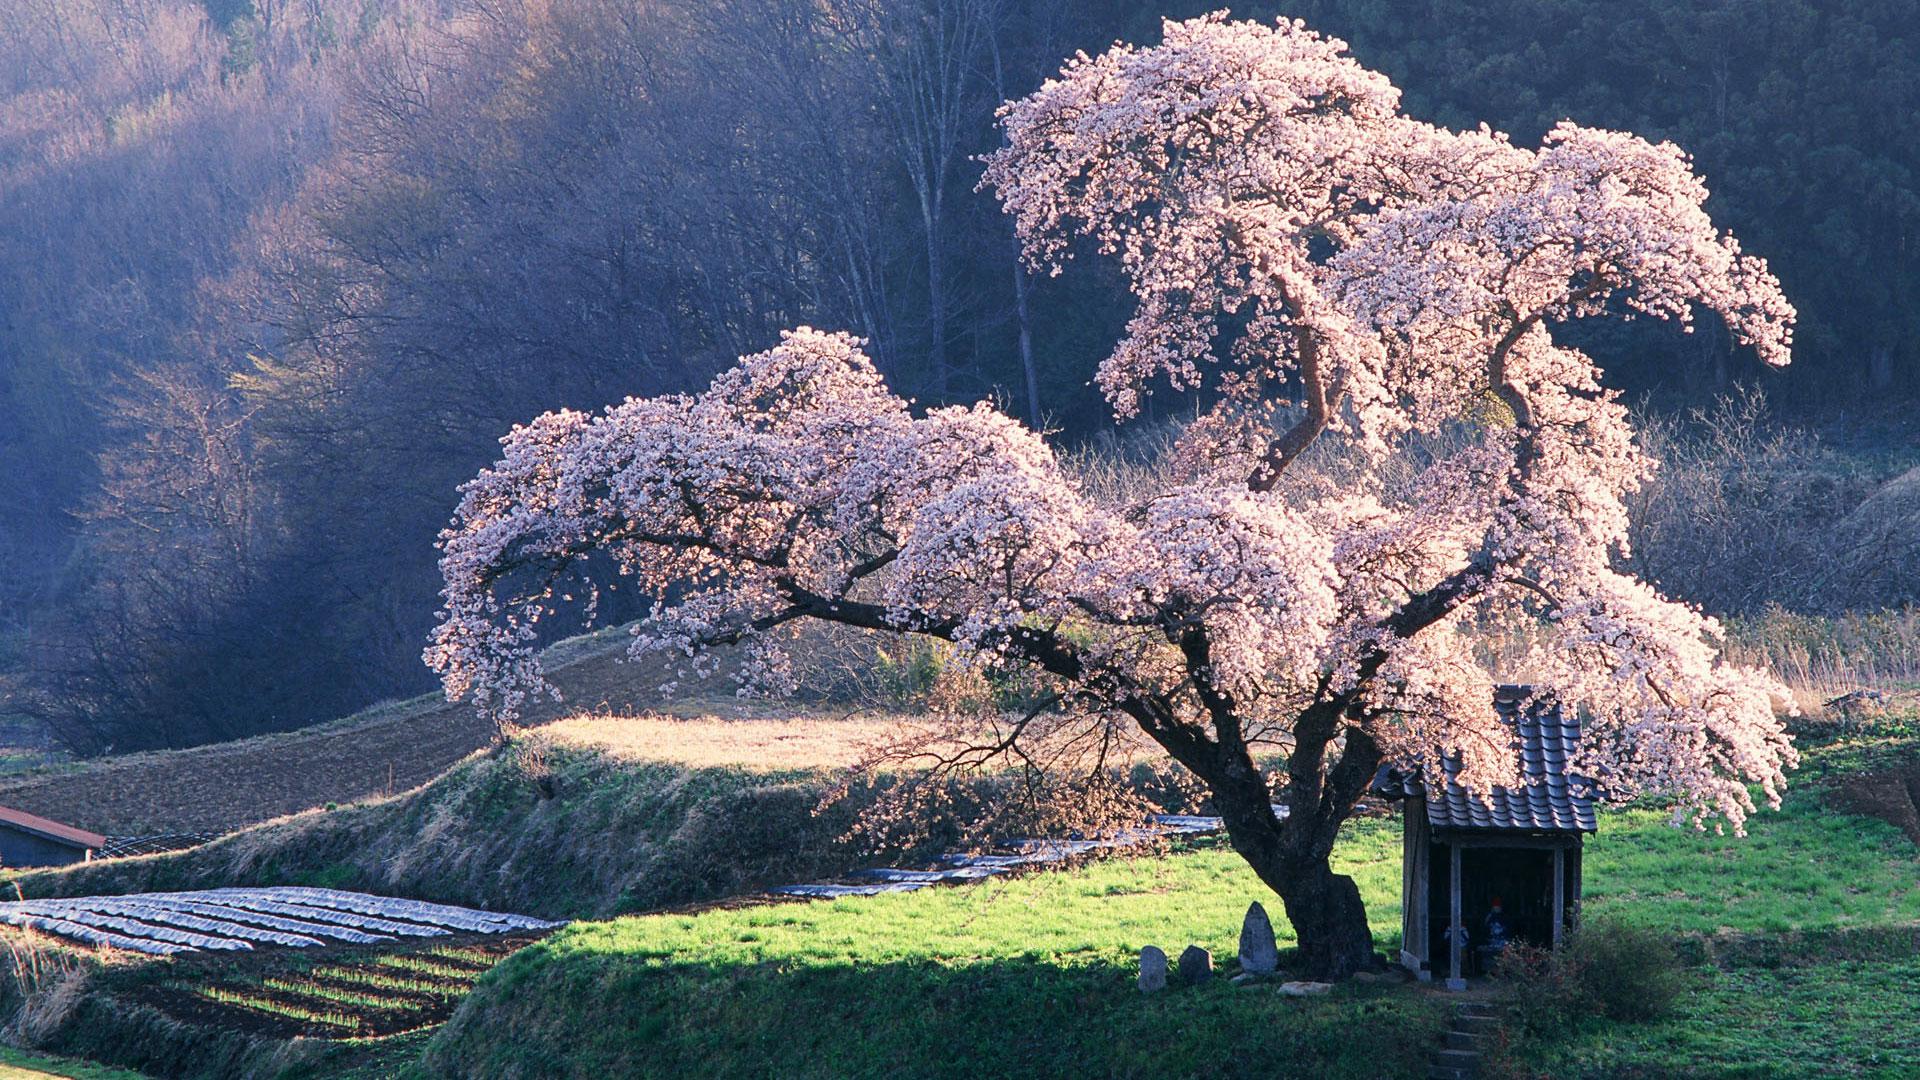 ทัวร์ญี่ปุ่น ท่องเที่ยวญี่ปุ่น โปรโมชั่นทัวร์ญี่ปุ่น